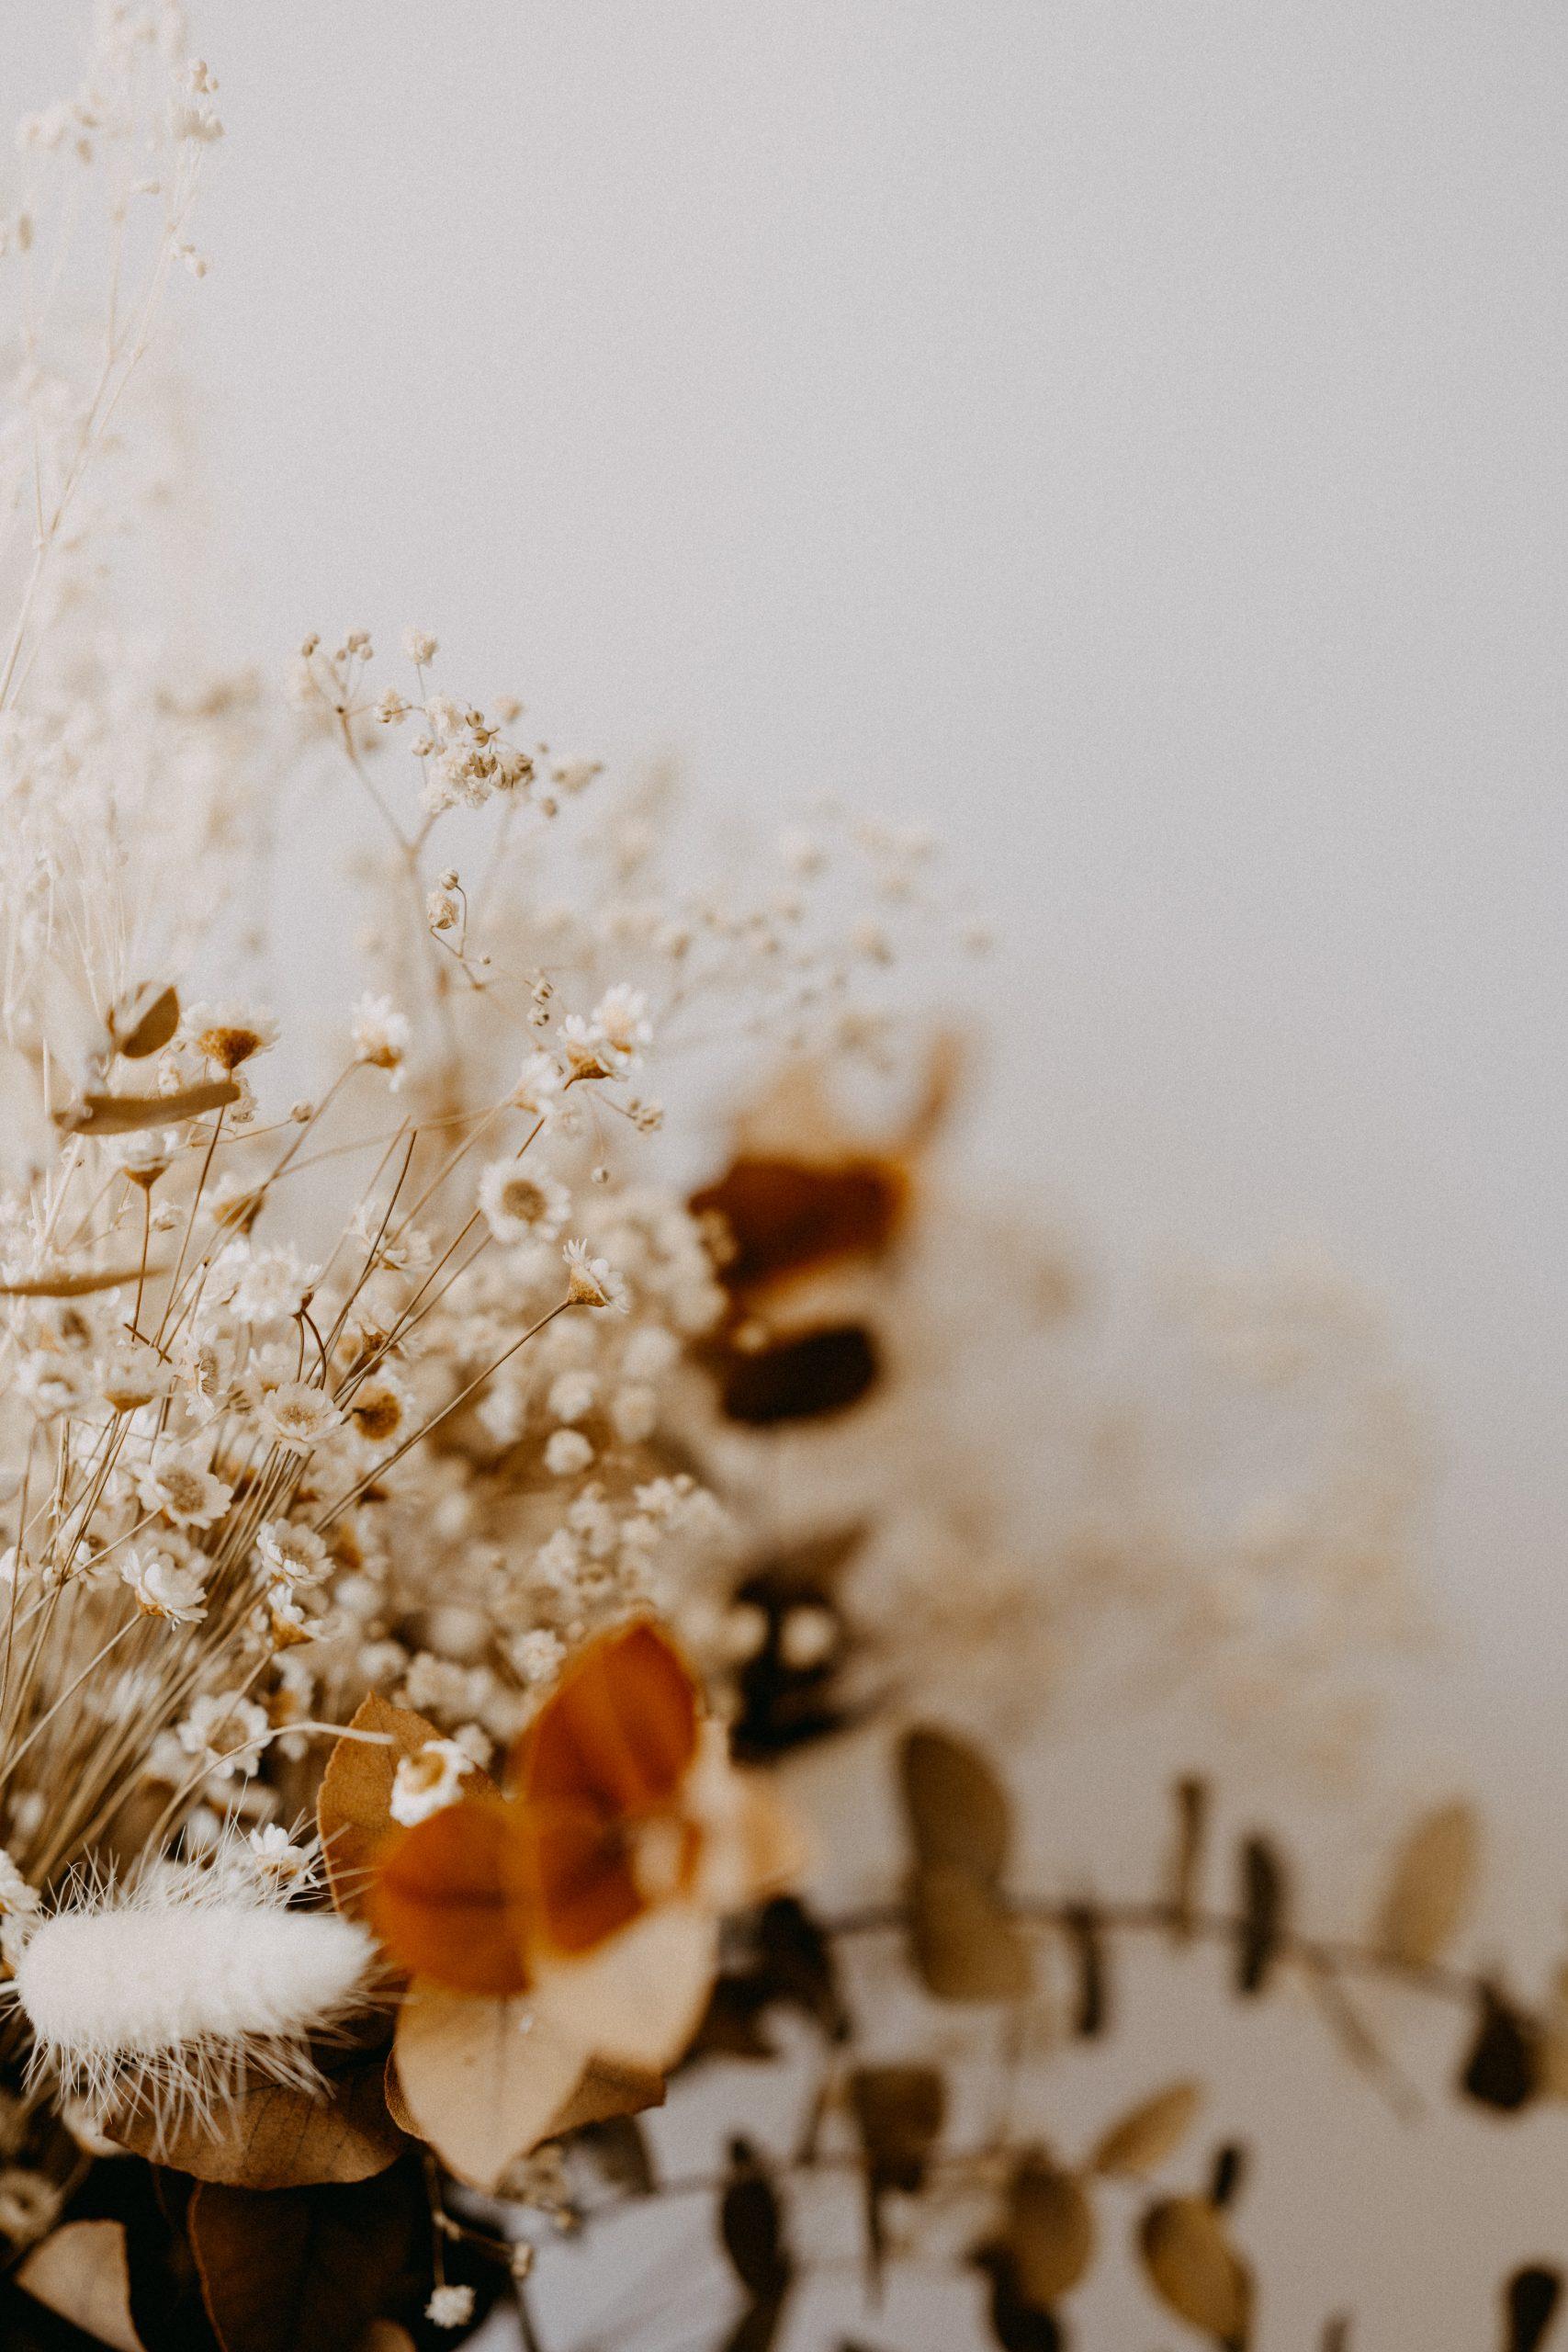 Zelf bloemen drogen: alle tips op een rijtje!